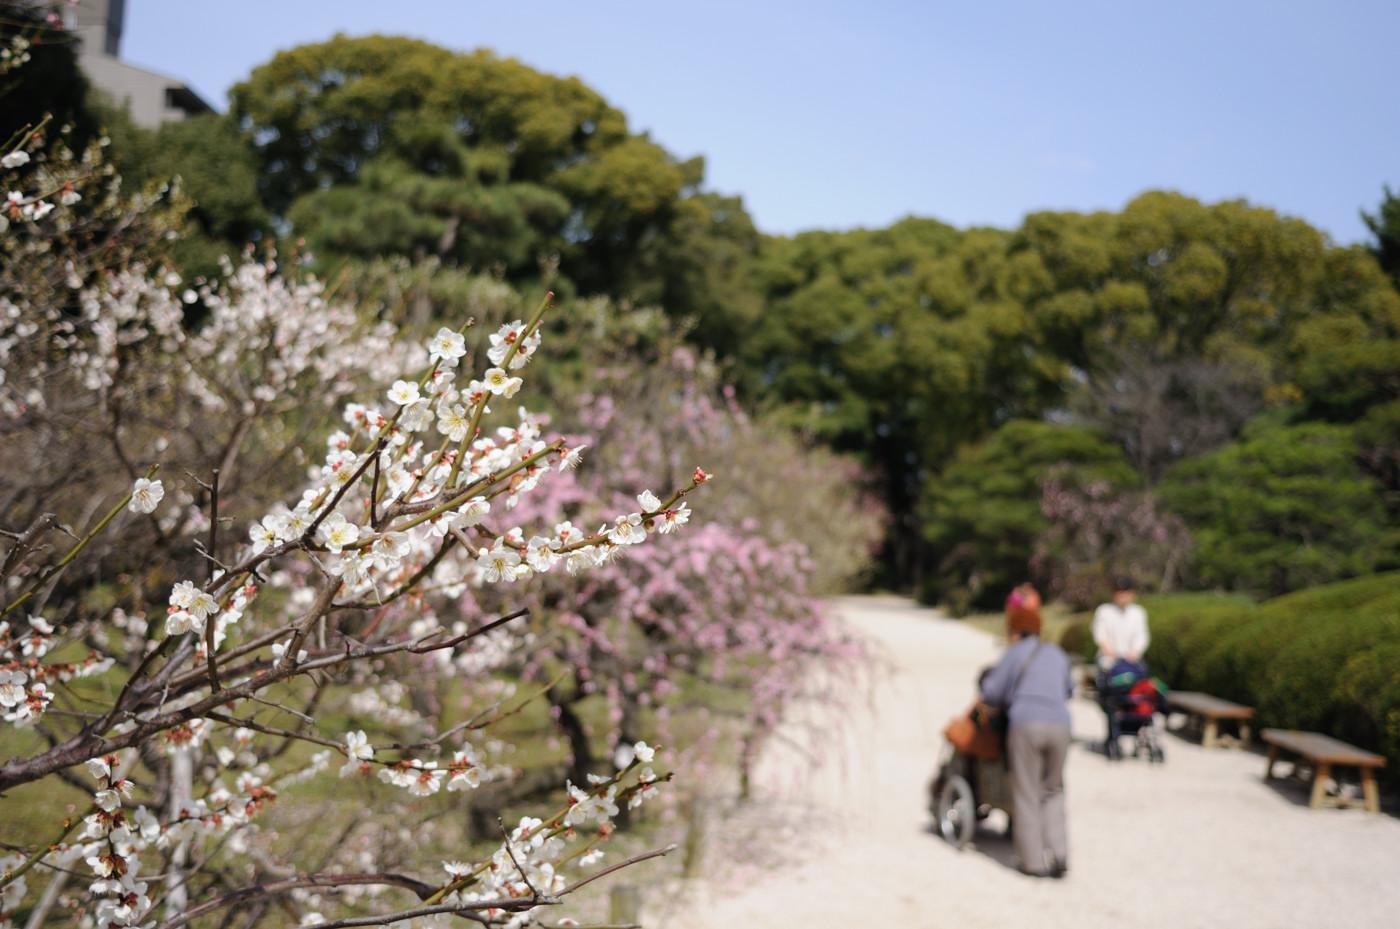 縮景園の梅の花をボカして